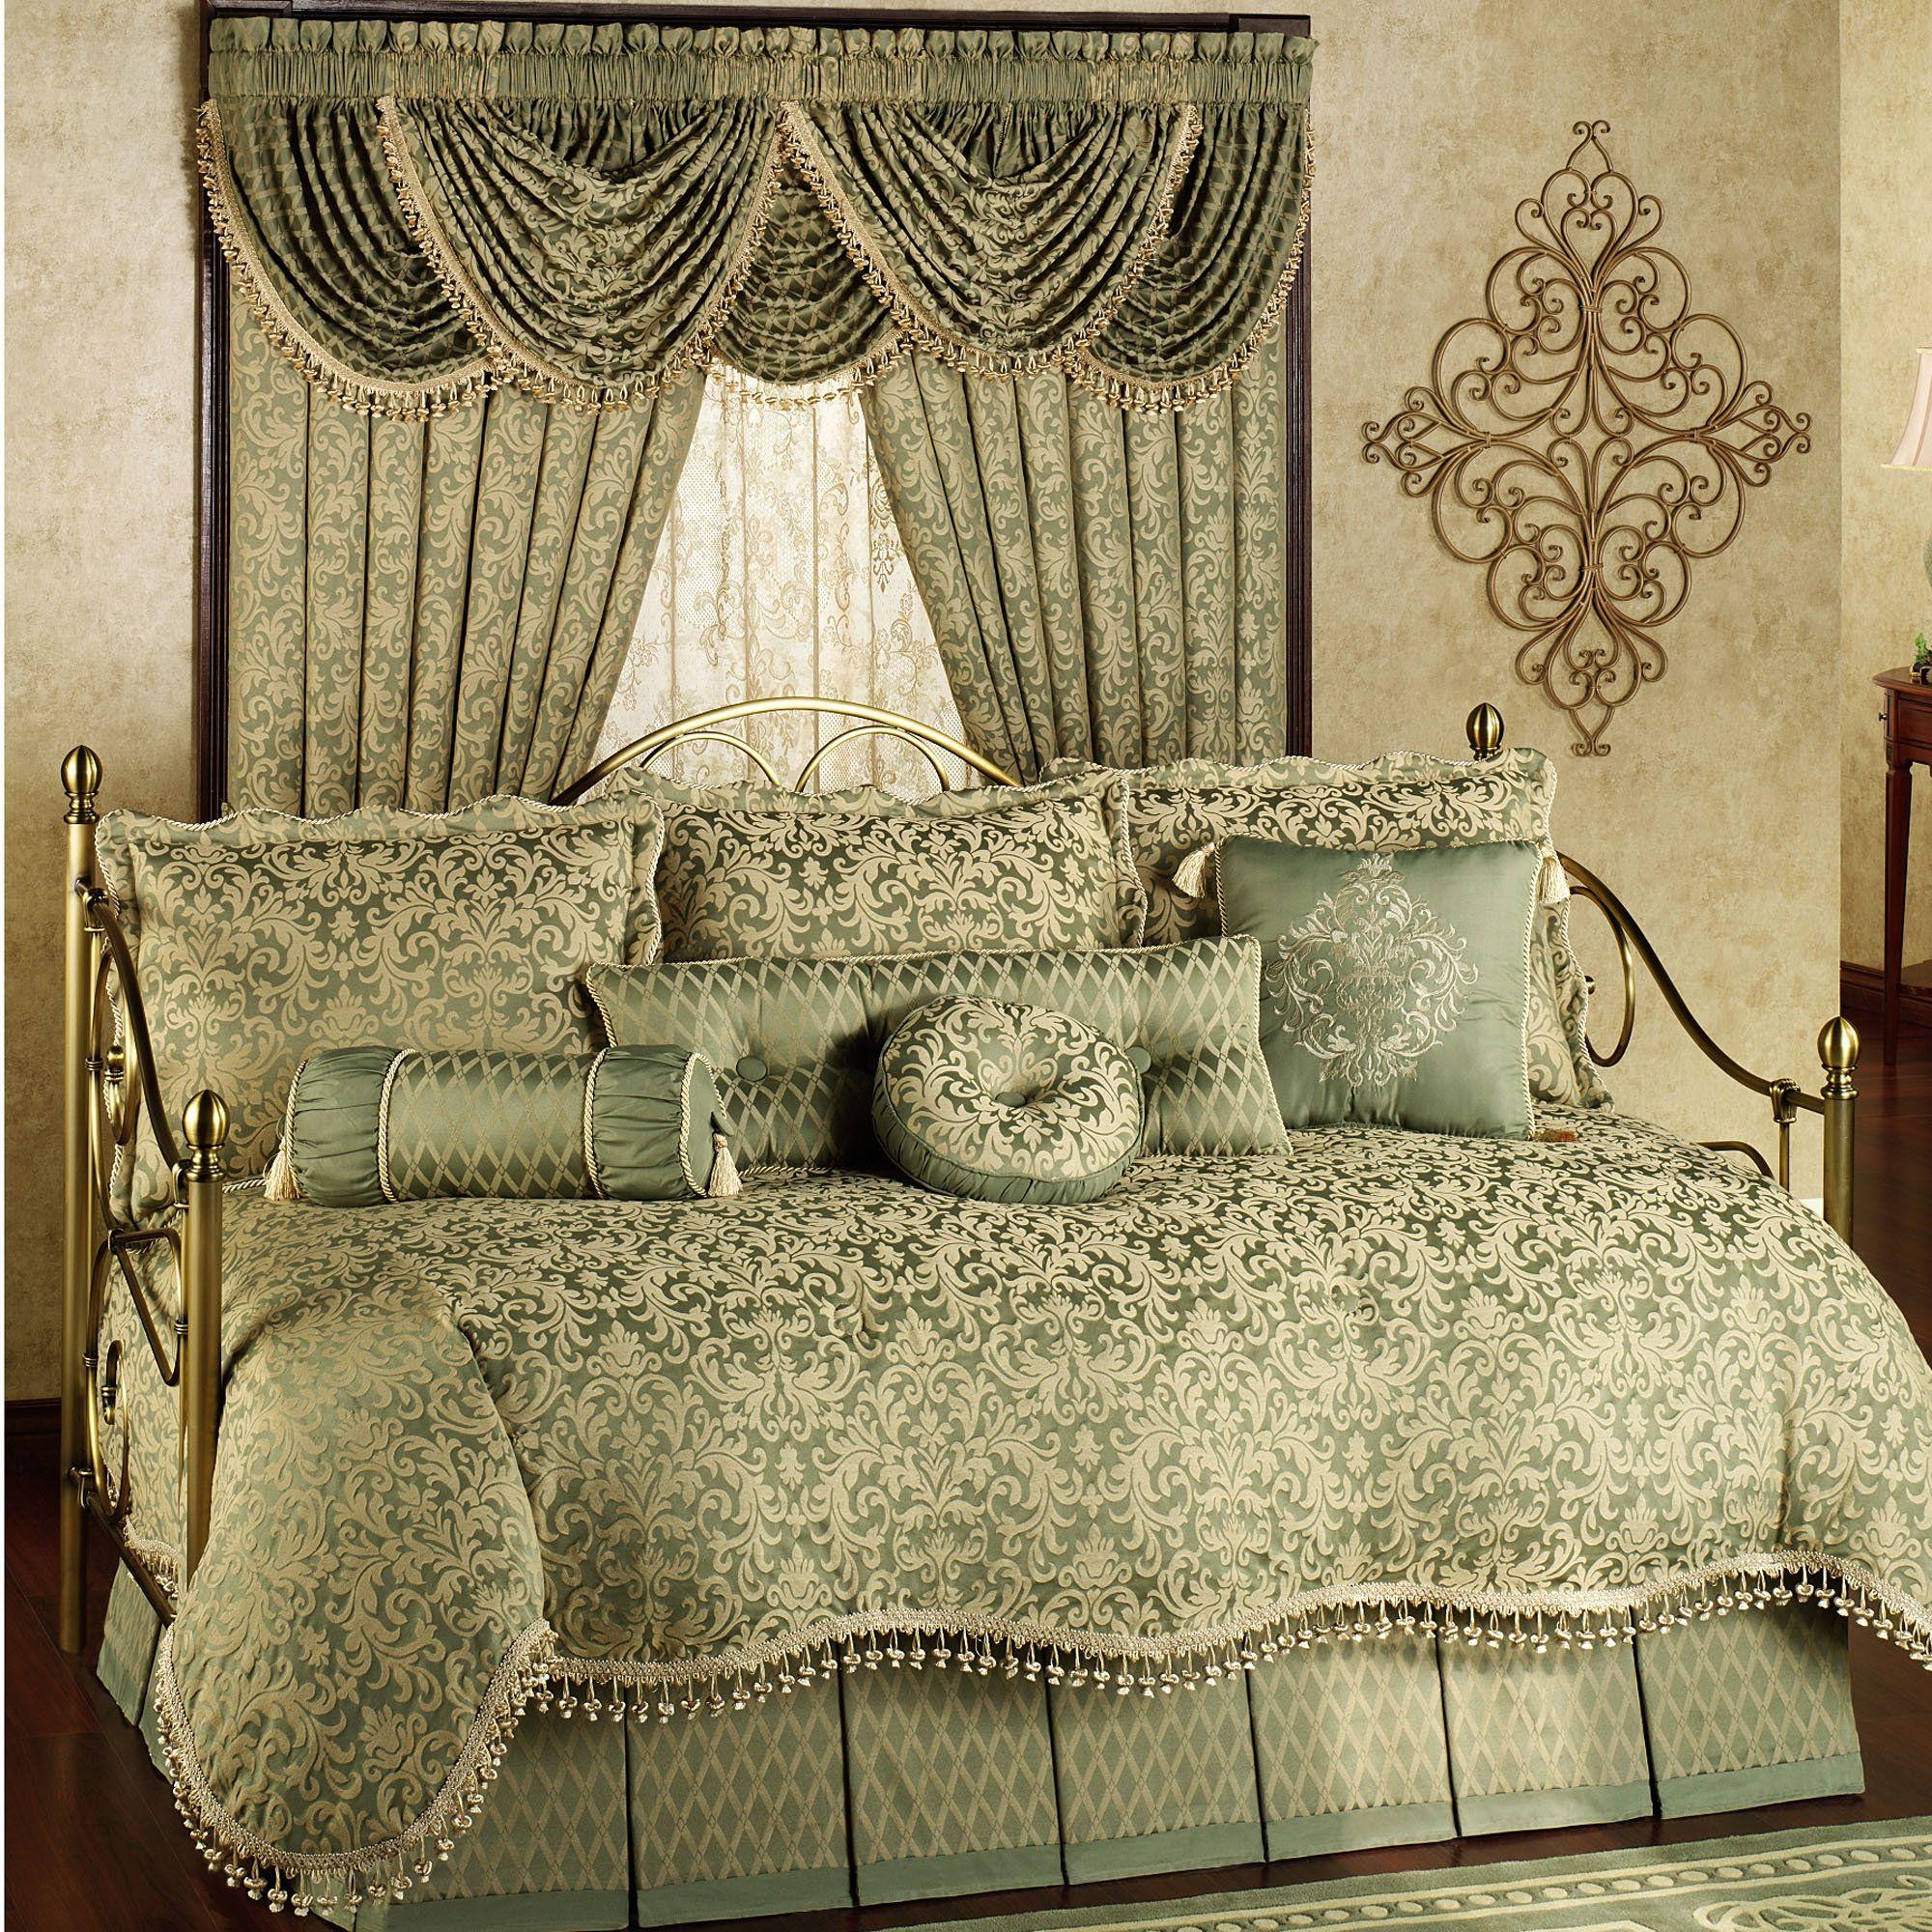 - Attractive Daybed Comforter Sets For Modern Bedroom Design: Girls